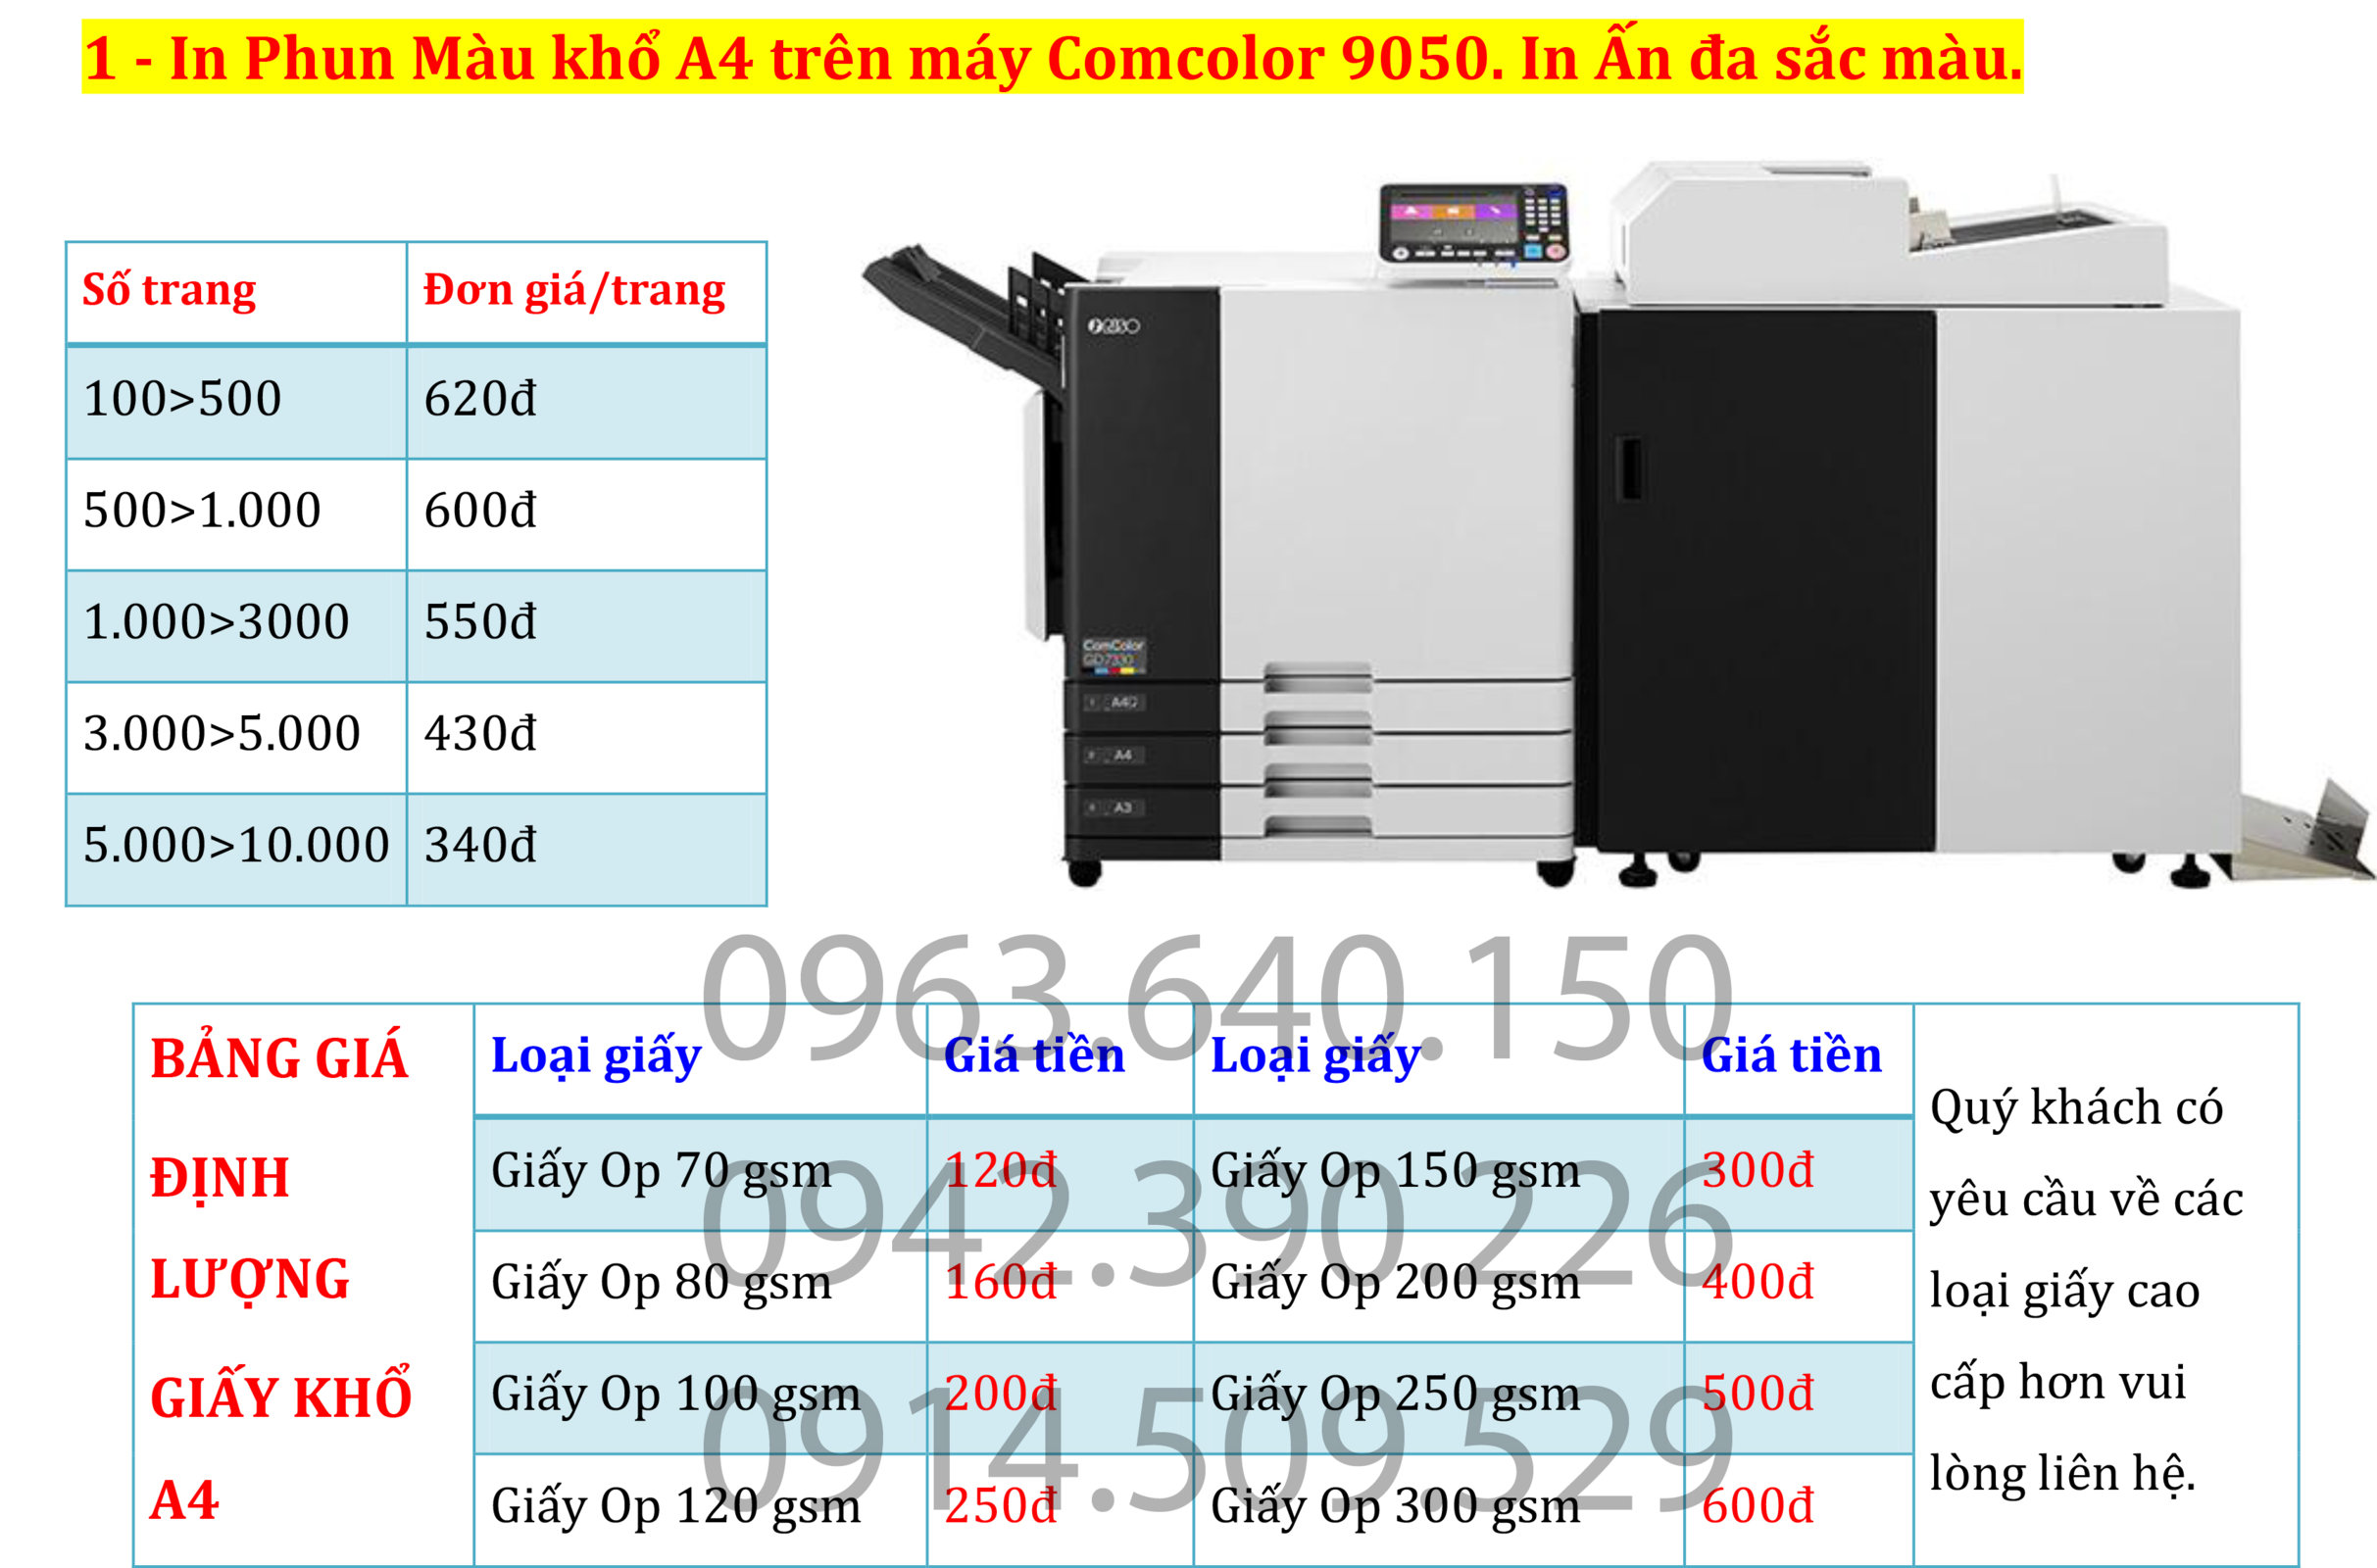 2. In ấn tài liệu màu. photo tài liệu màu giá rẻ tại Hà Nội...jpg